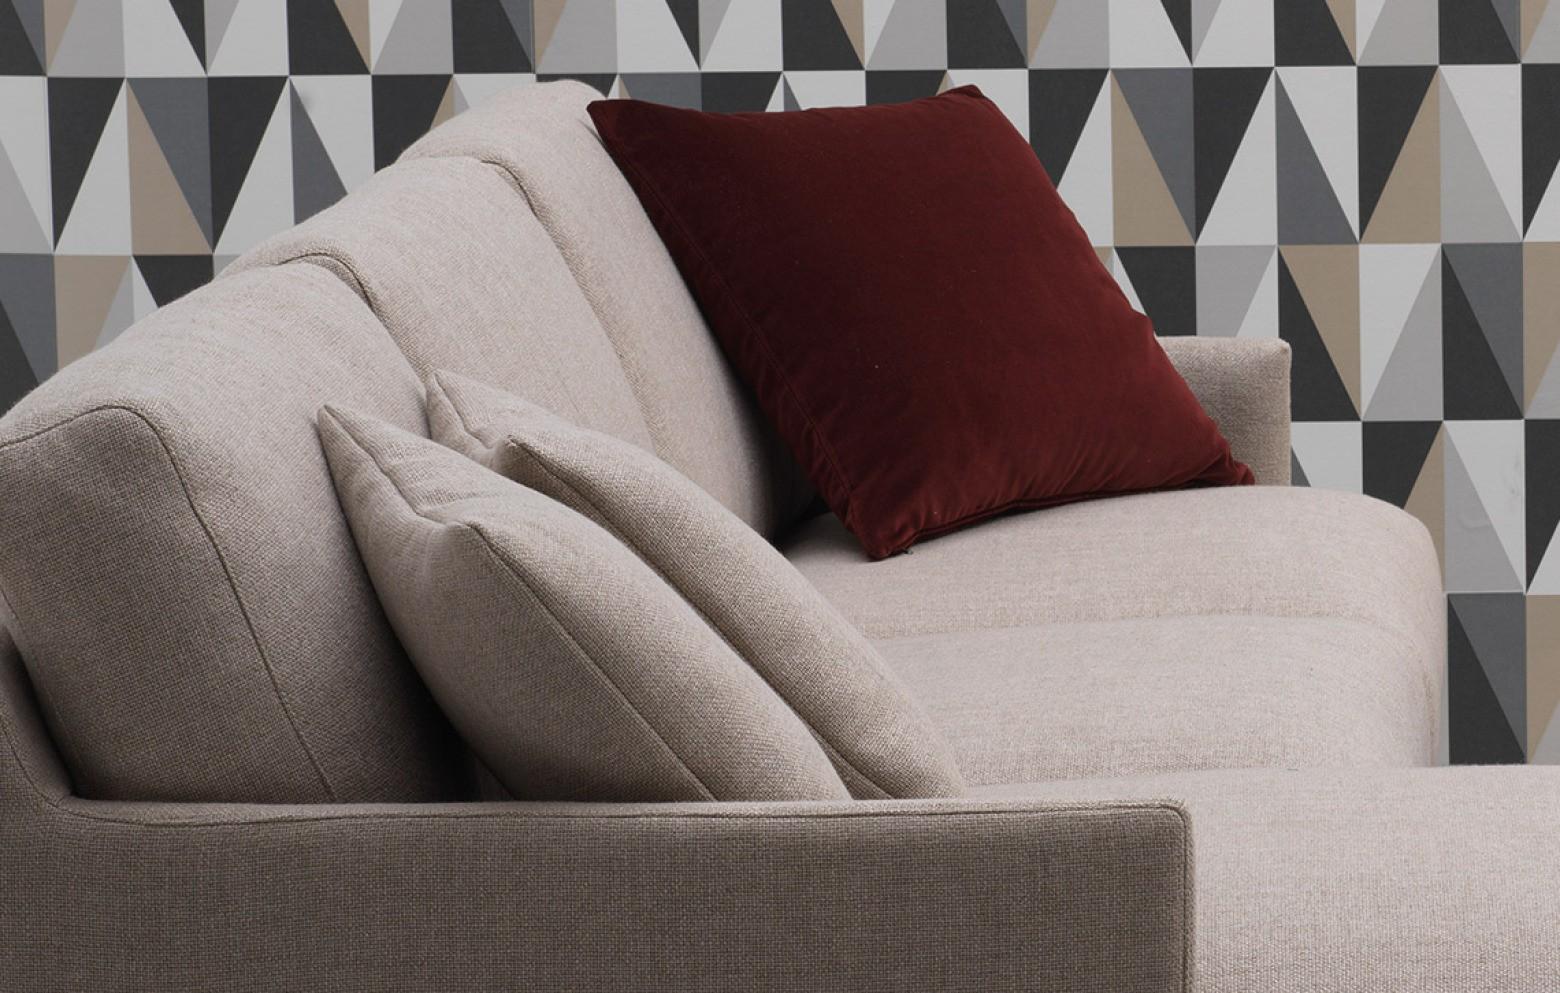 deko kissen dekokissen kissen orchidee blumen xcm with deko kissen sofakissen zierkissen. Black Bedroom Furniture Sets. Home Design Ideas